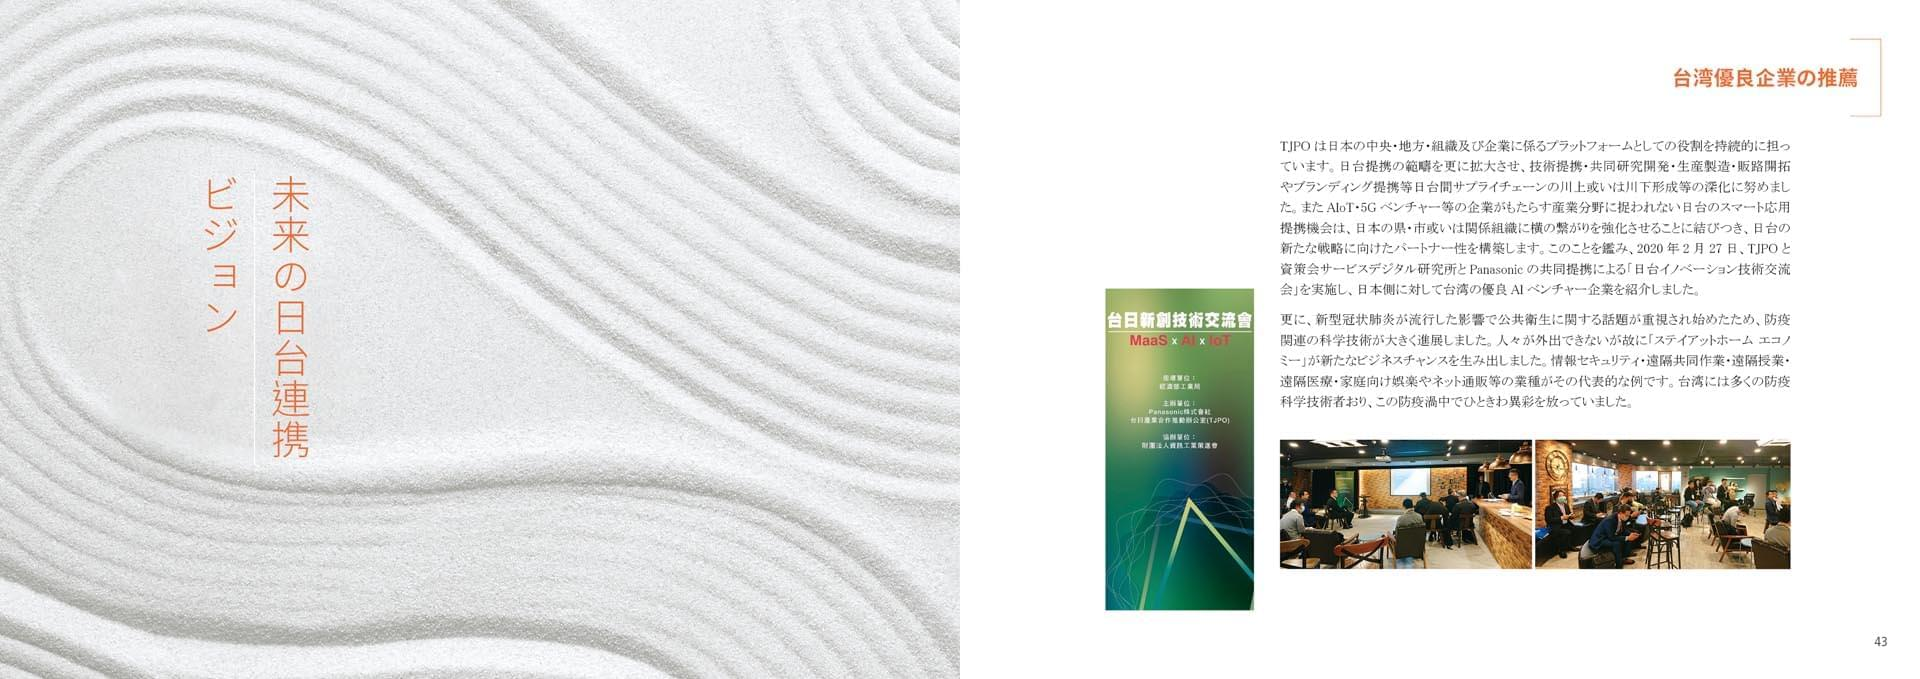 台日型錄-日文版60頁-第二次修改070224